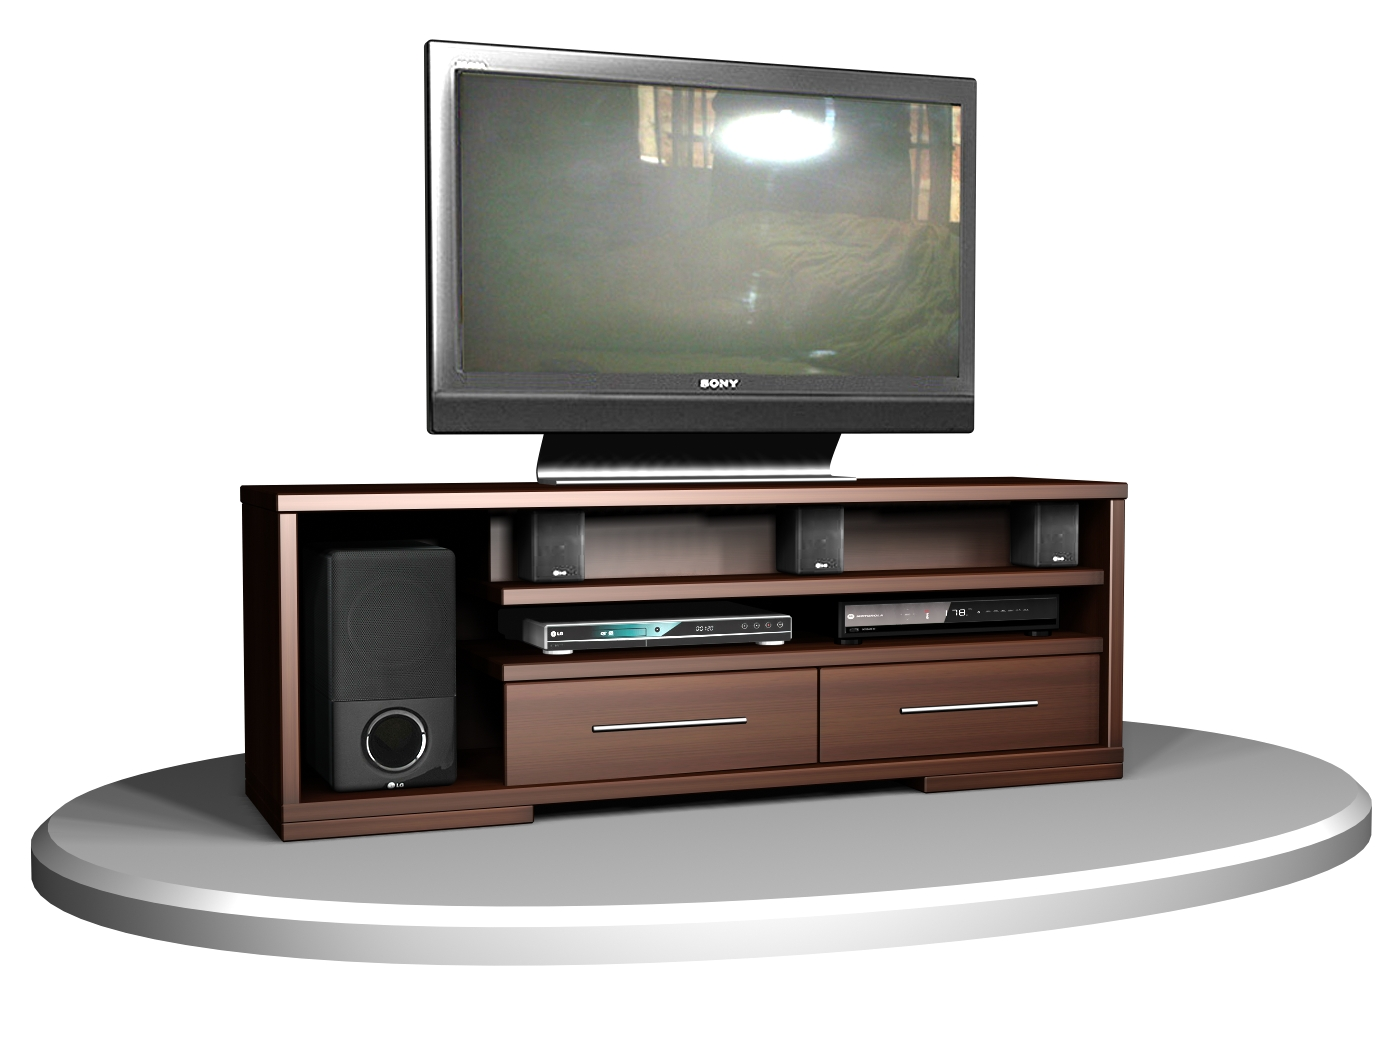 Dise o industrial y muebles neodesign - Muebles diseno industrial ...